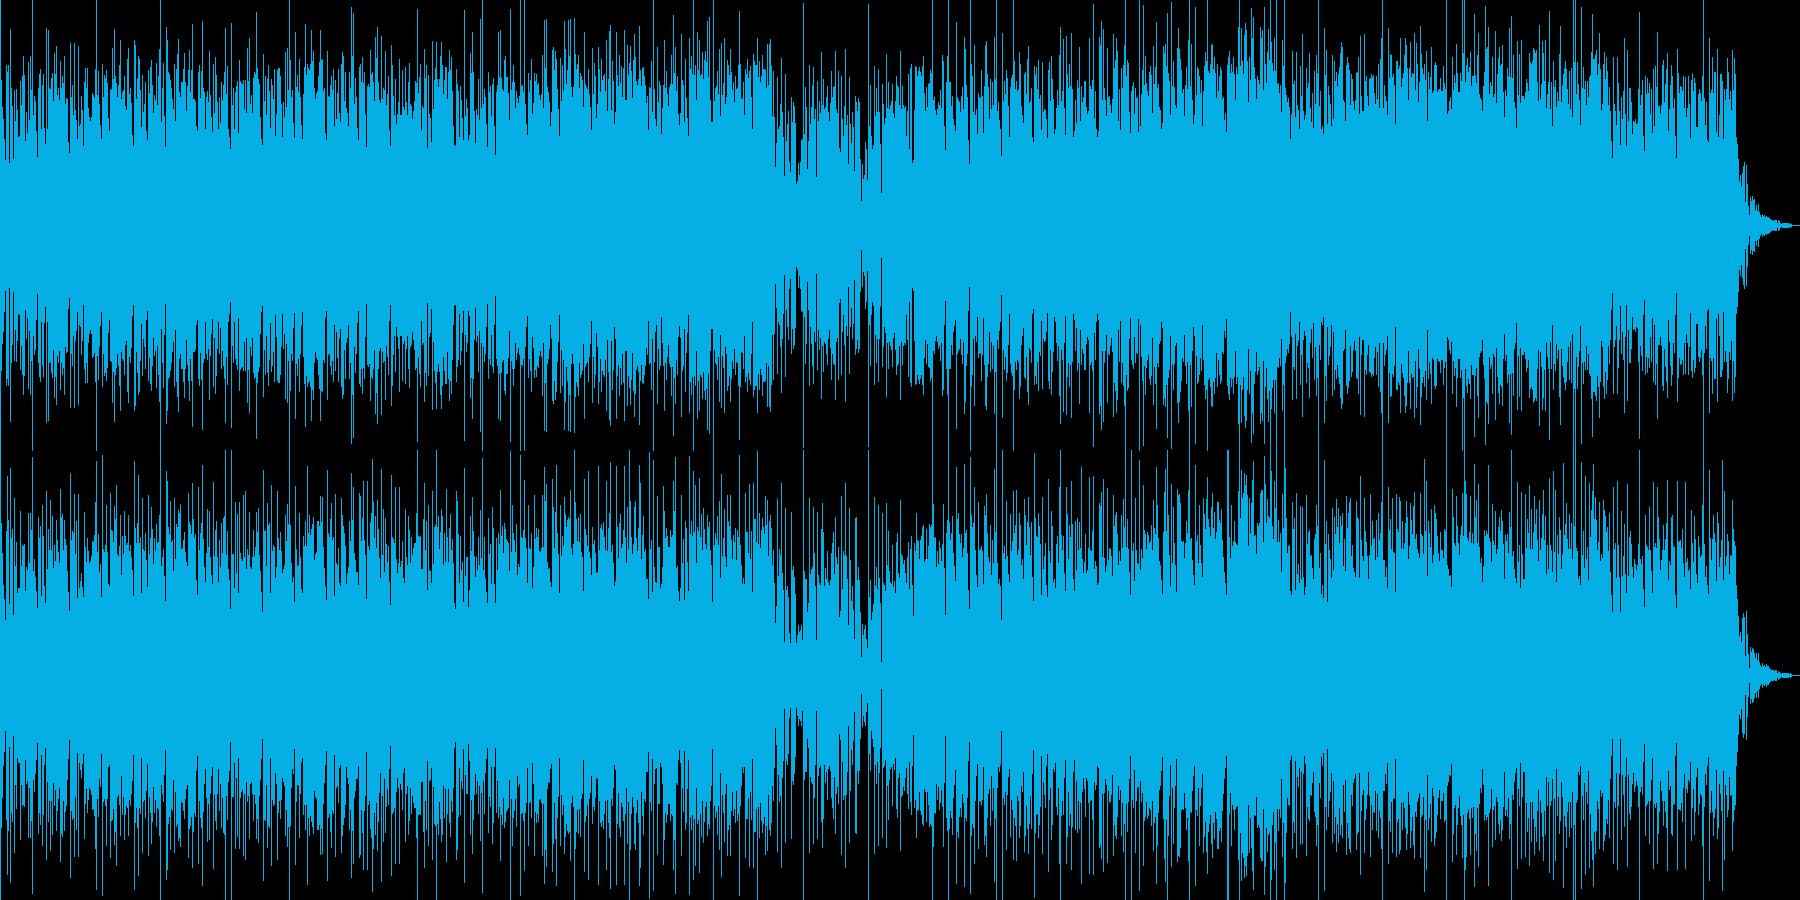 ちょっぴり速い恋心の曲の再生済みの波形